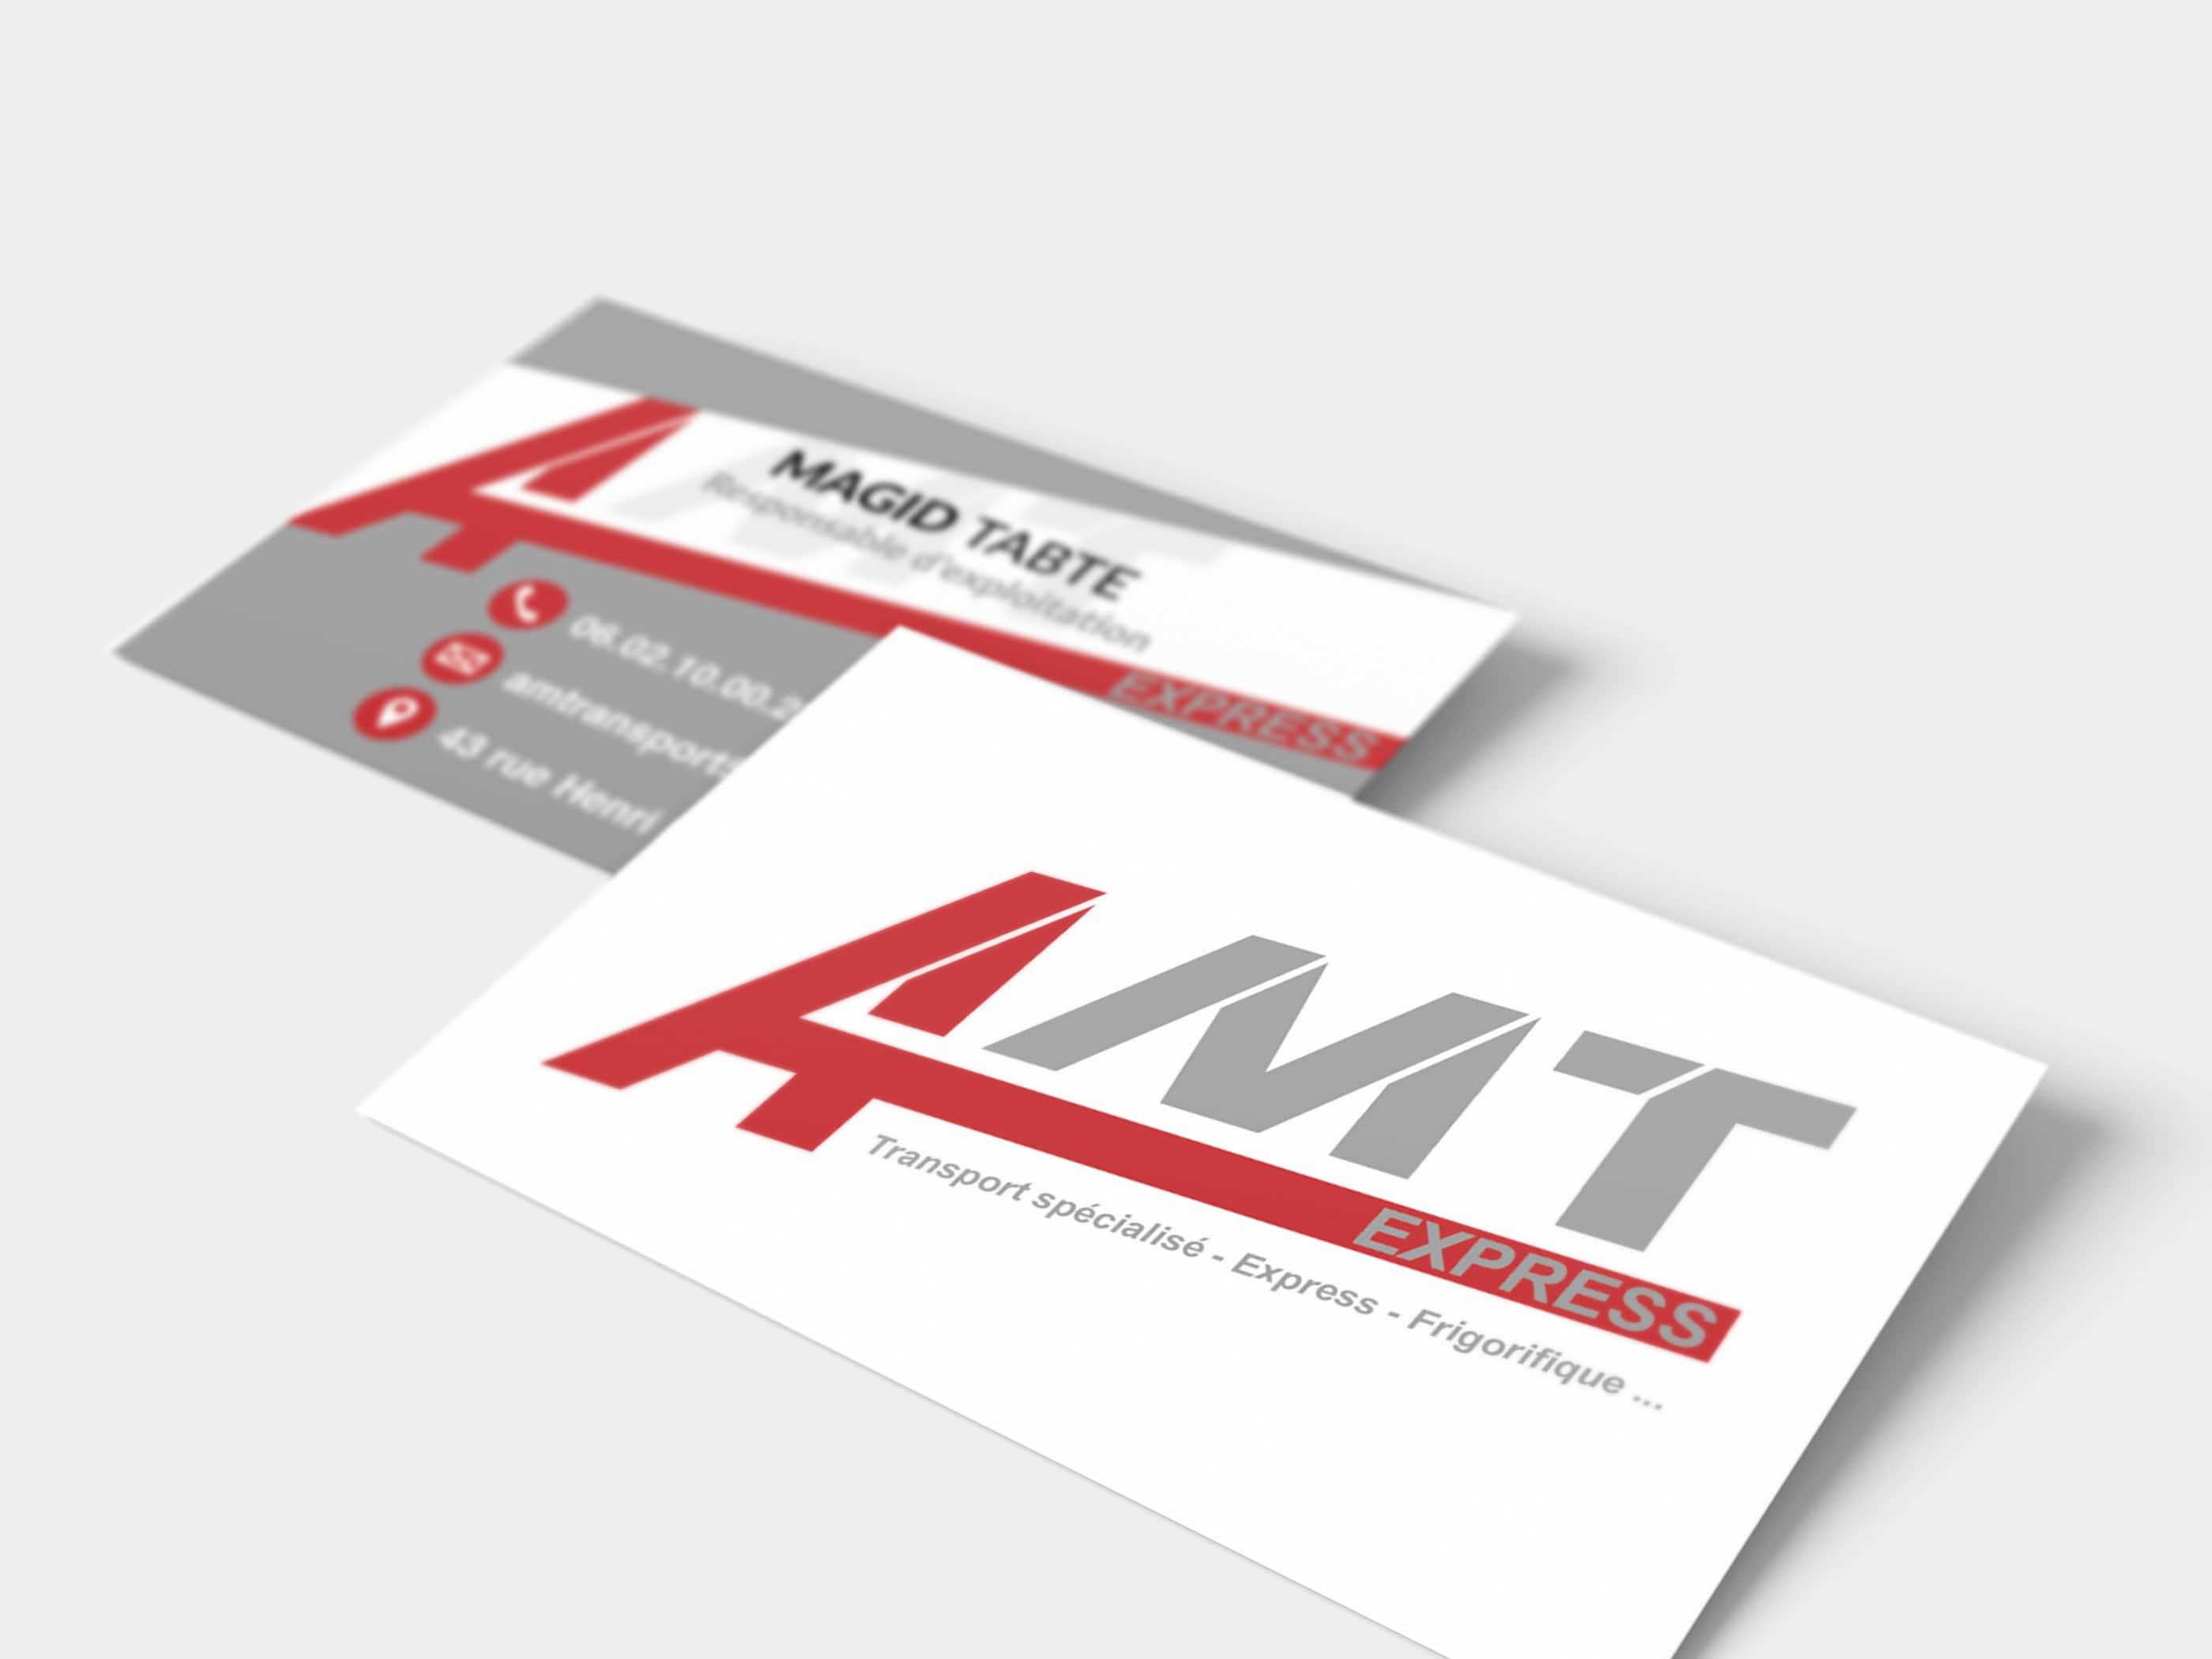 Cartes de visite pour société de transport routier amt express by ismacom